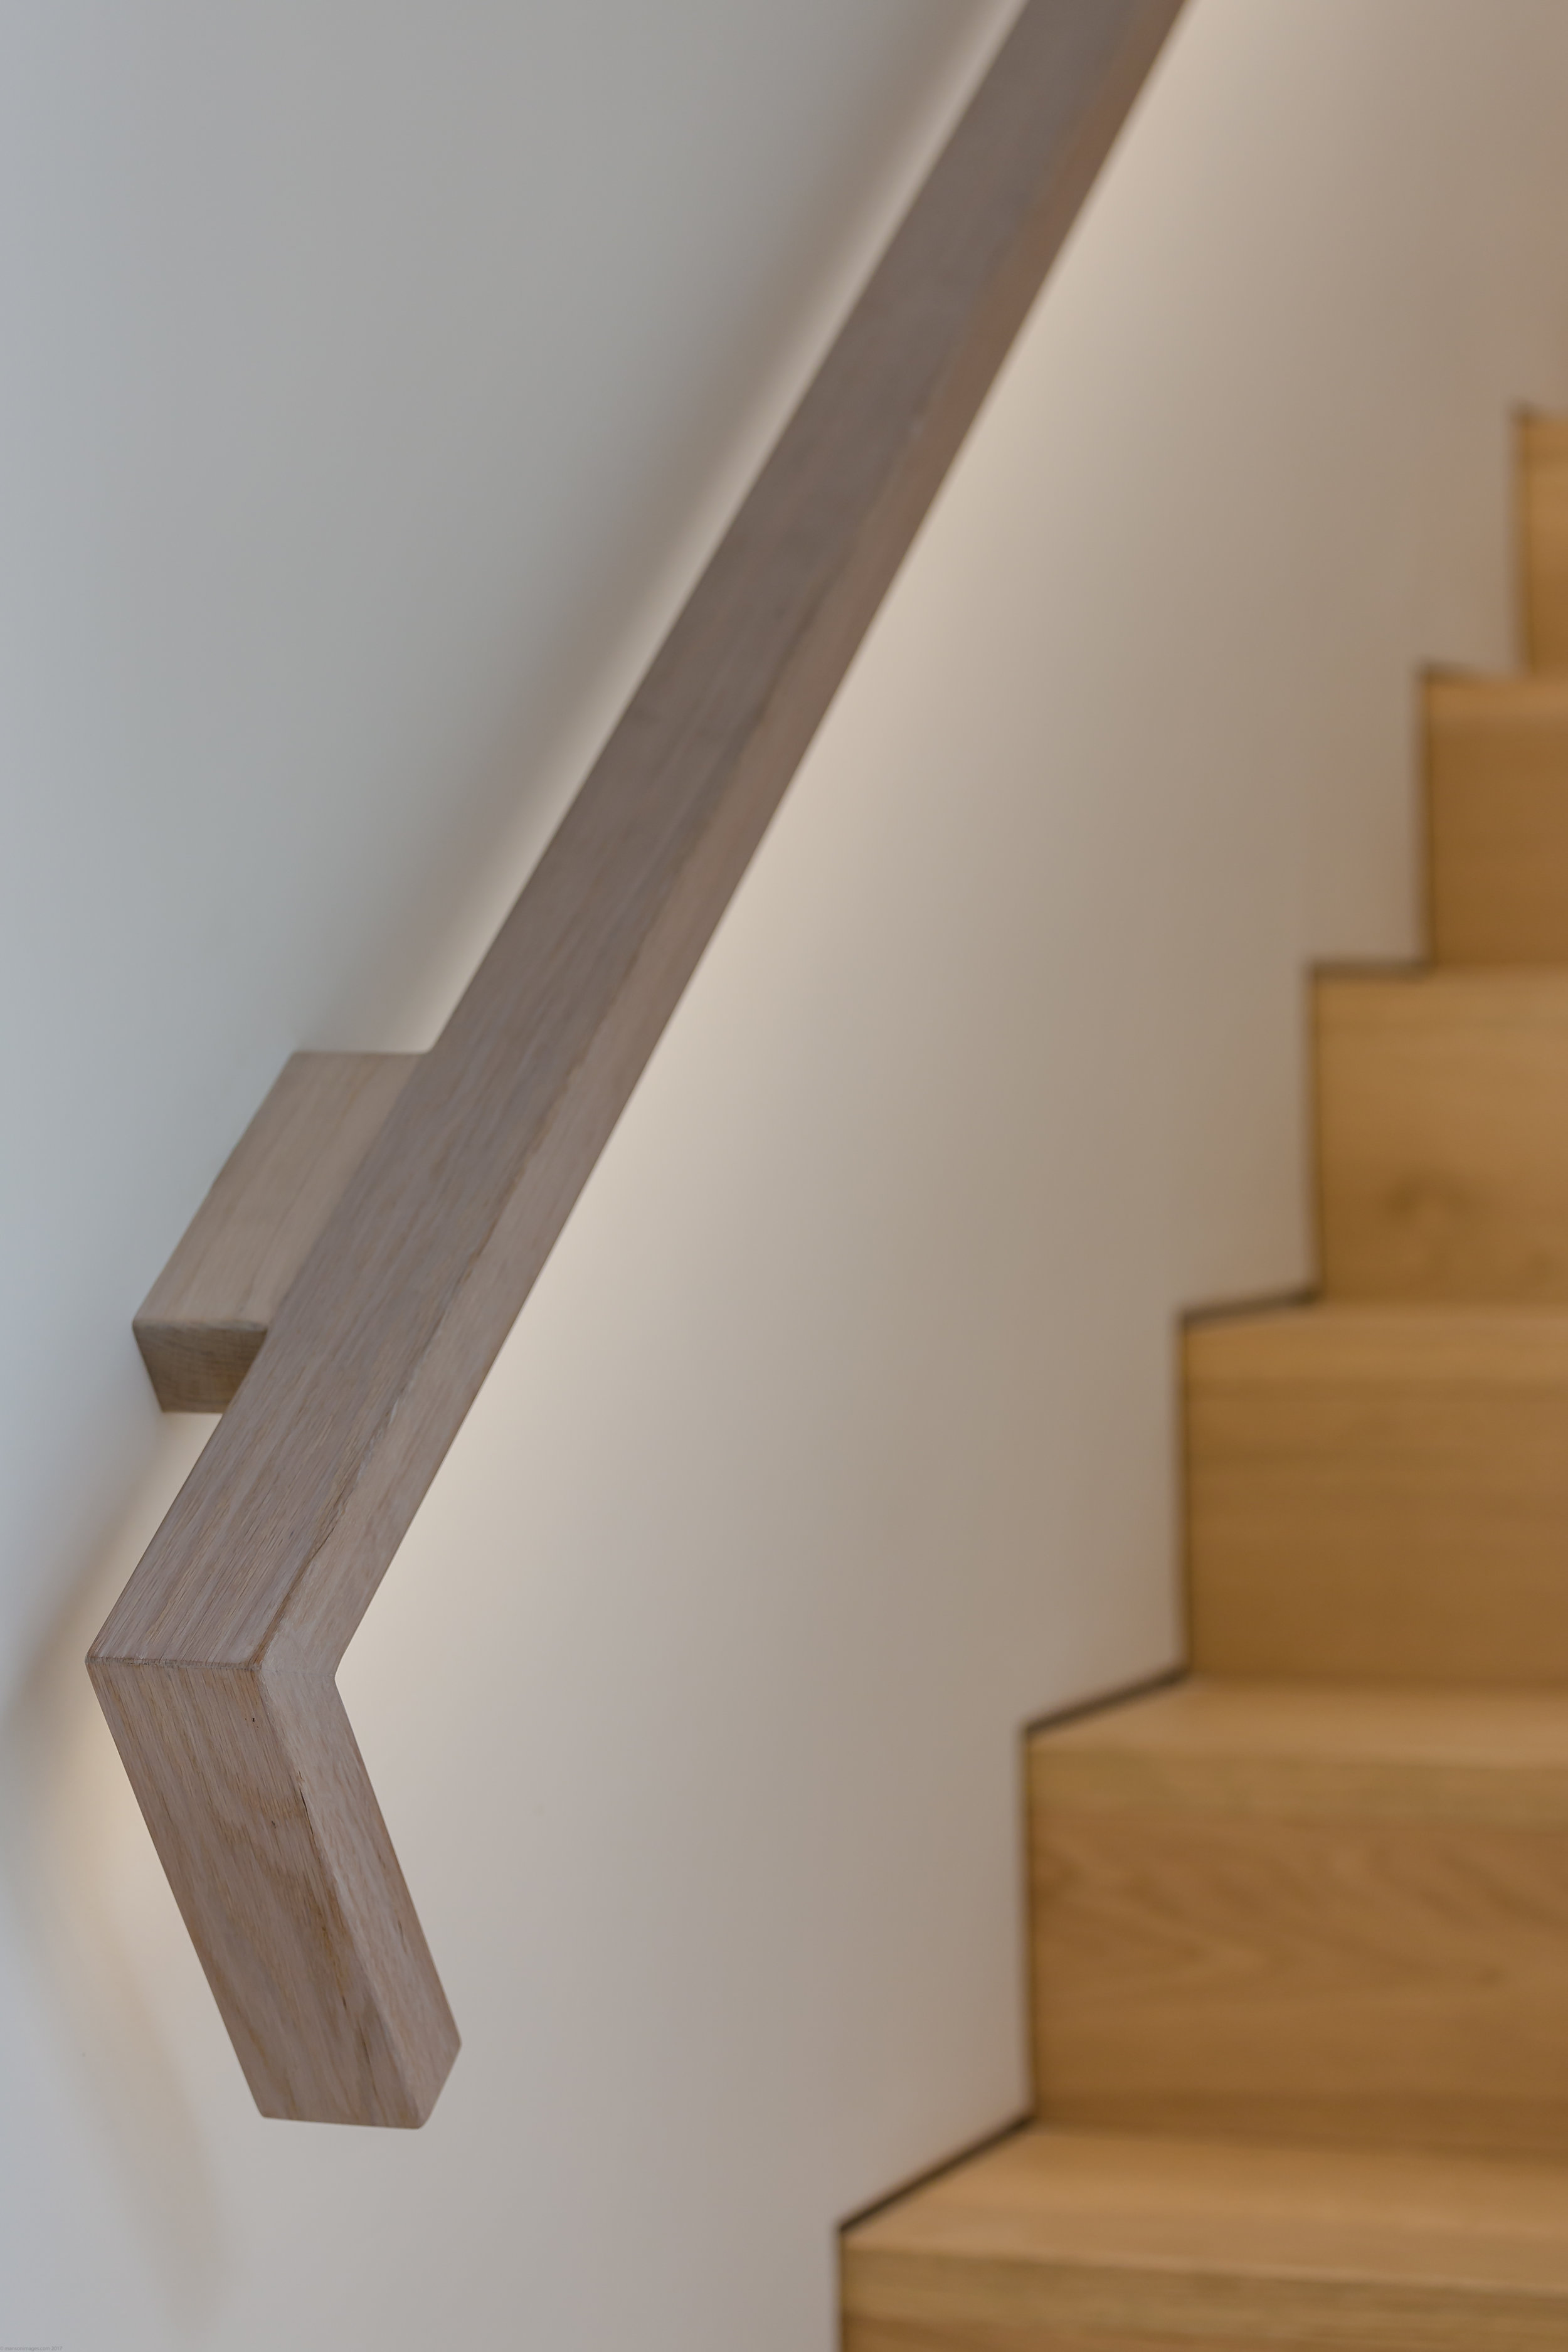 Laneway Residence_Handrail Detail